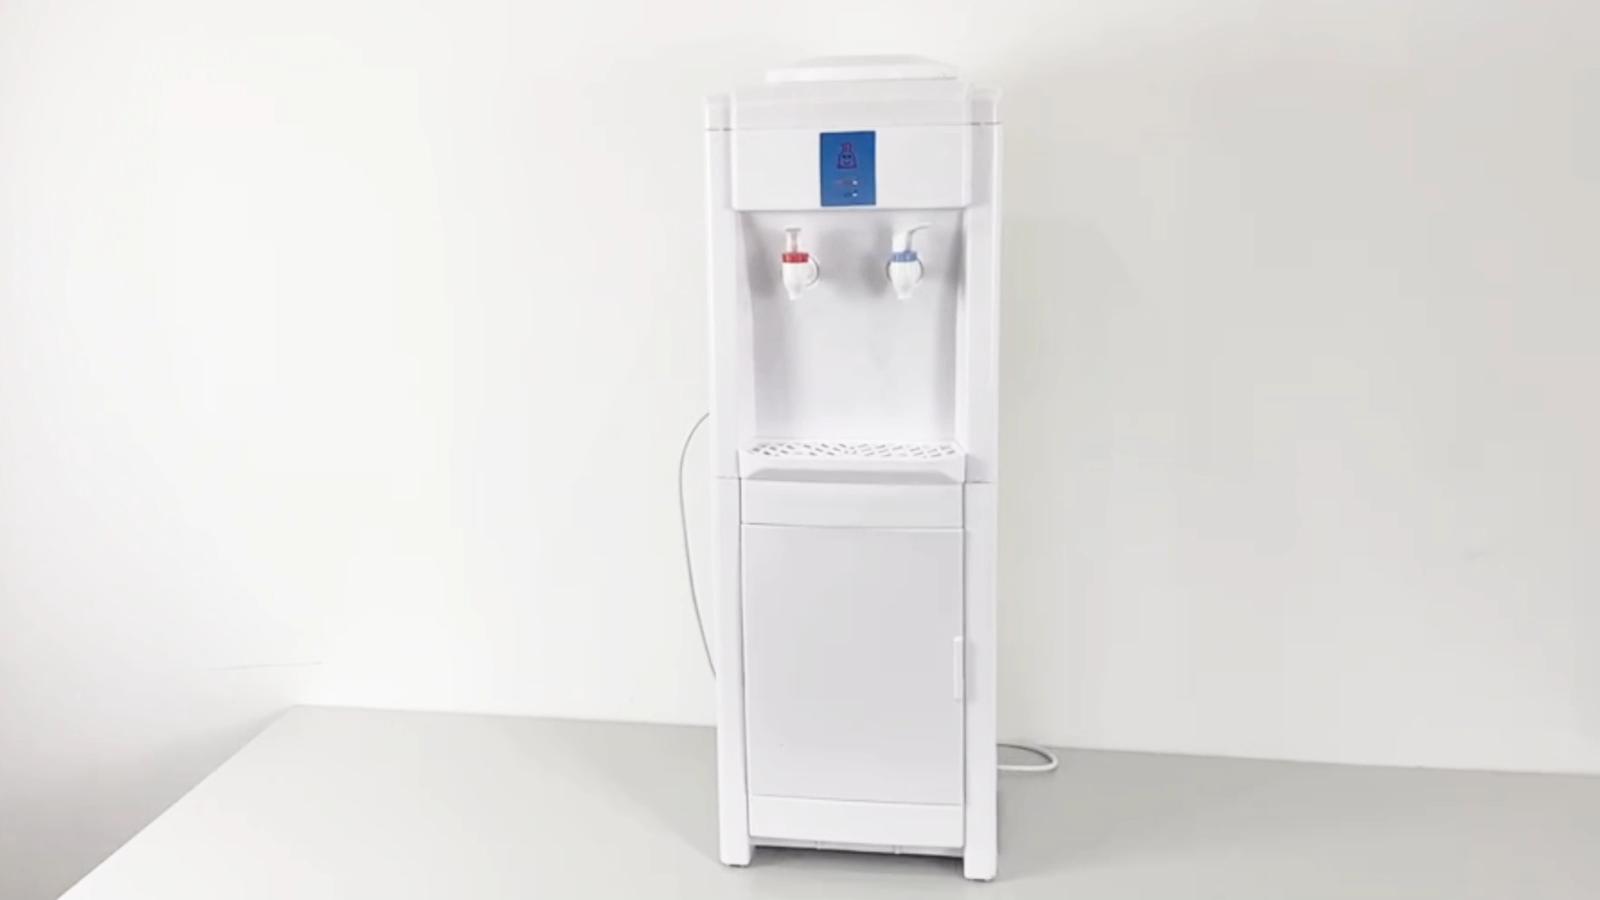 Dispensador de agua eléctrico piso de alta calidad máquina de hielo dispensador de agua caliente